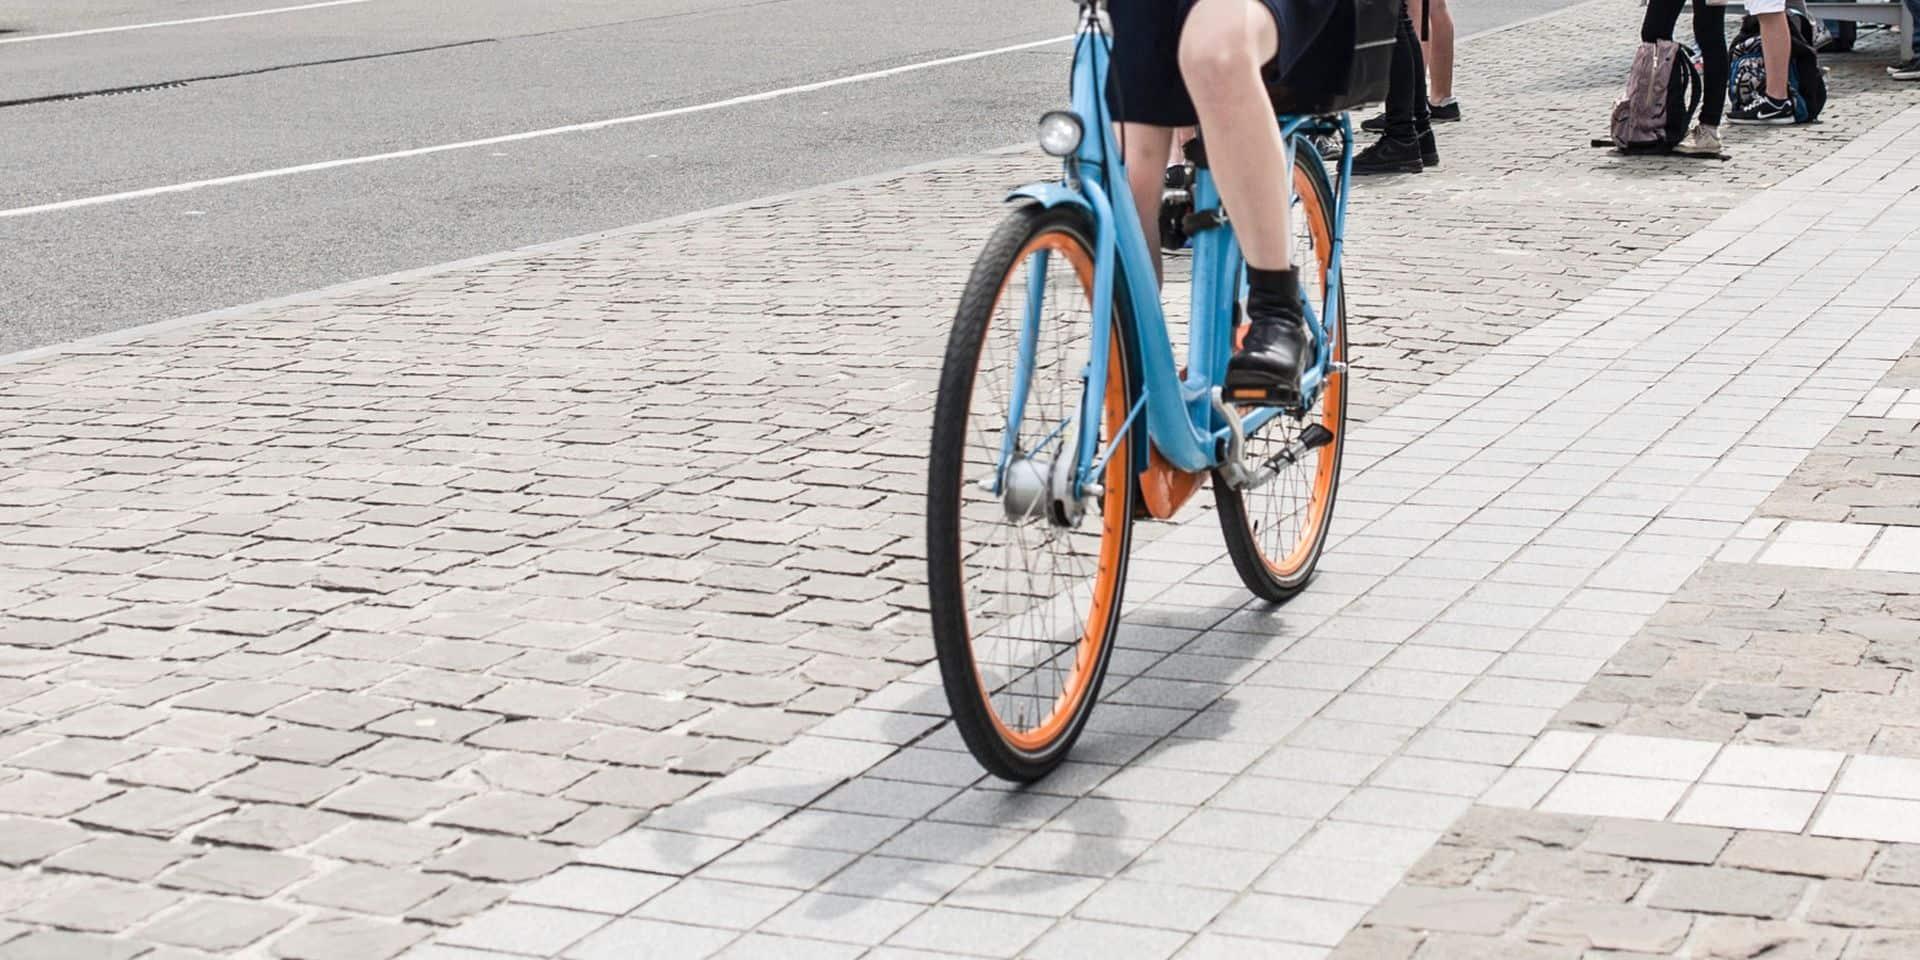 """Dans quatre accidents de vélo sur cinq, aucune voiture n'est impliquée: """"Les potelets sont très dangereux"""""""